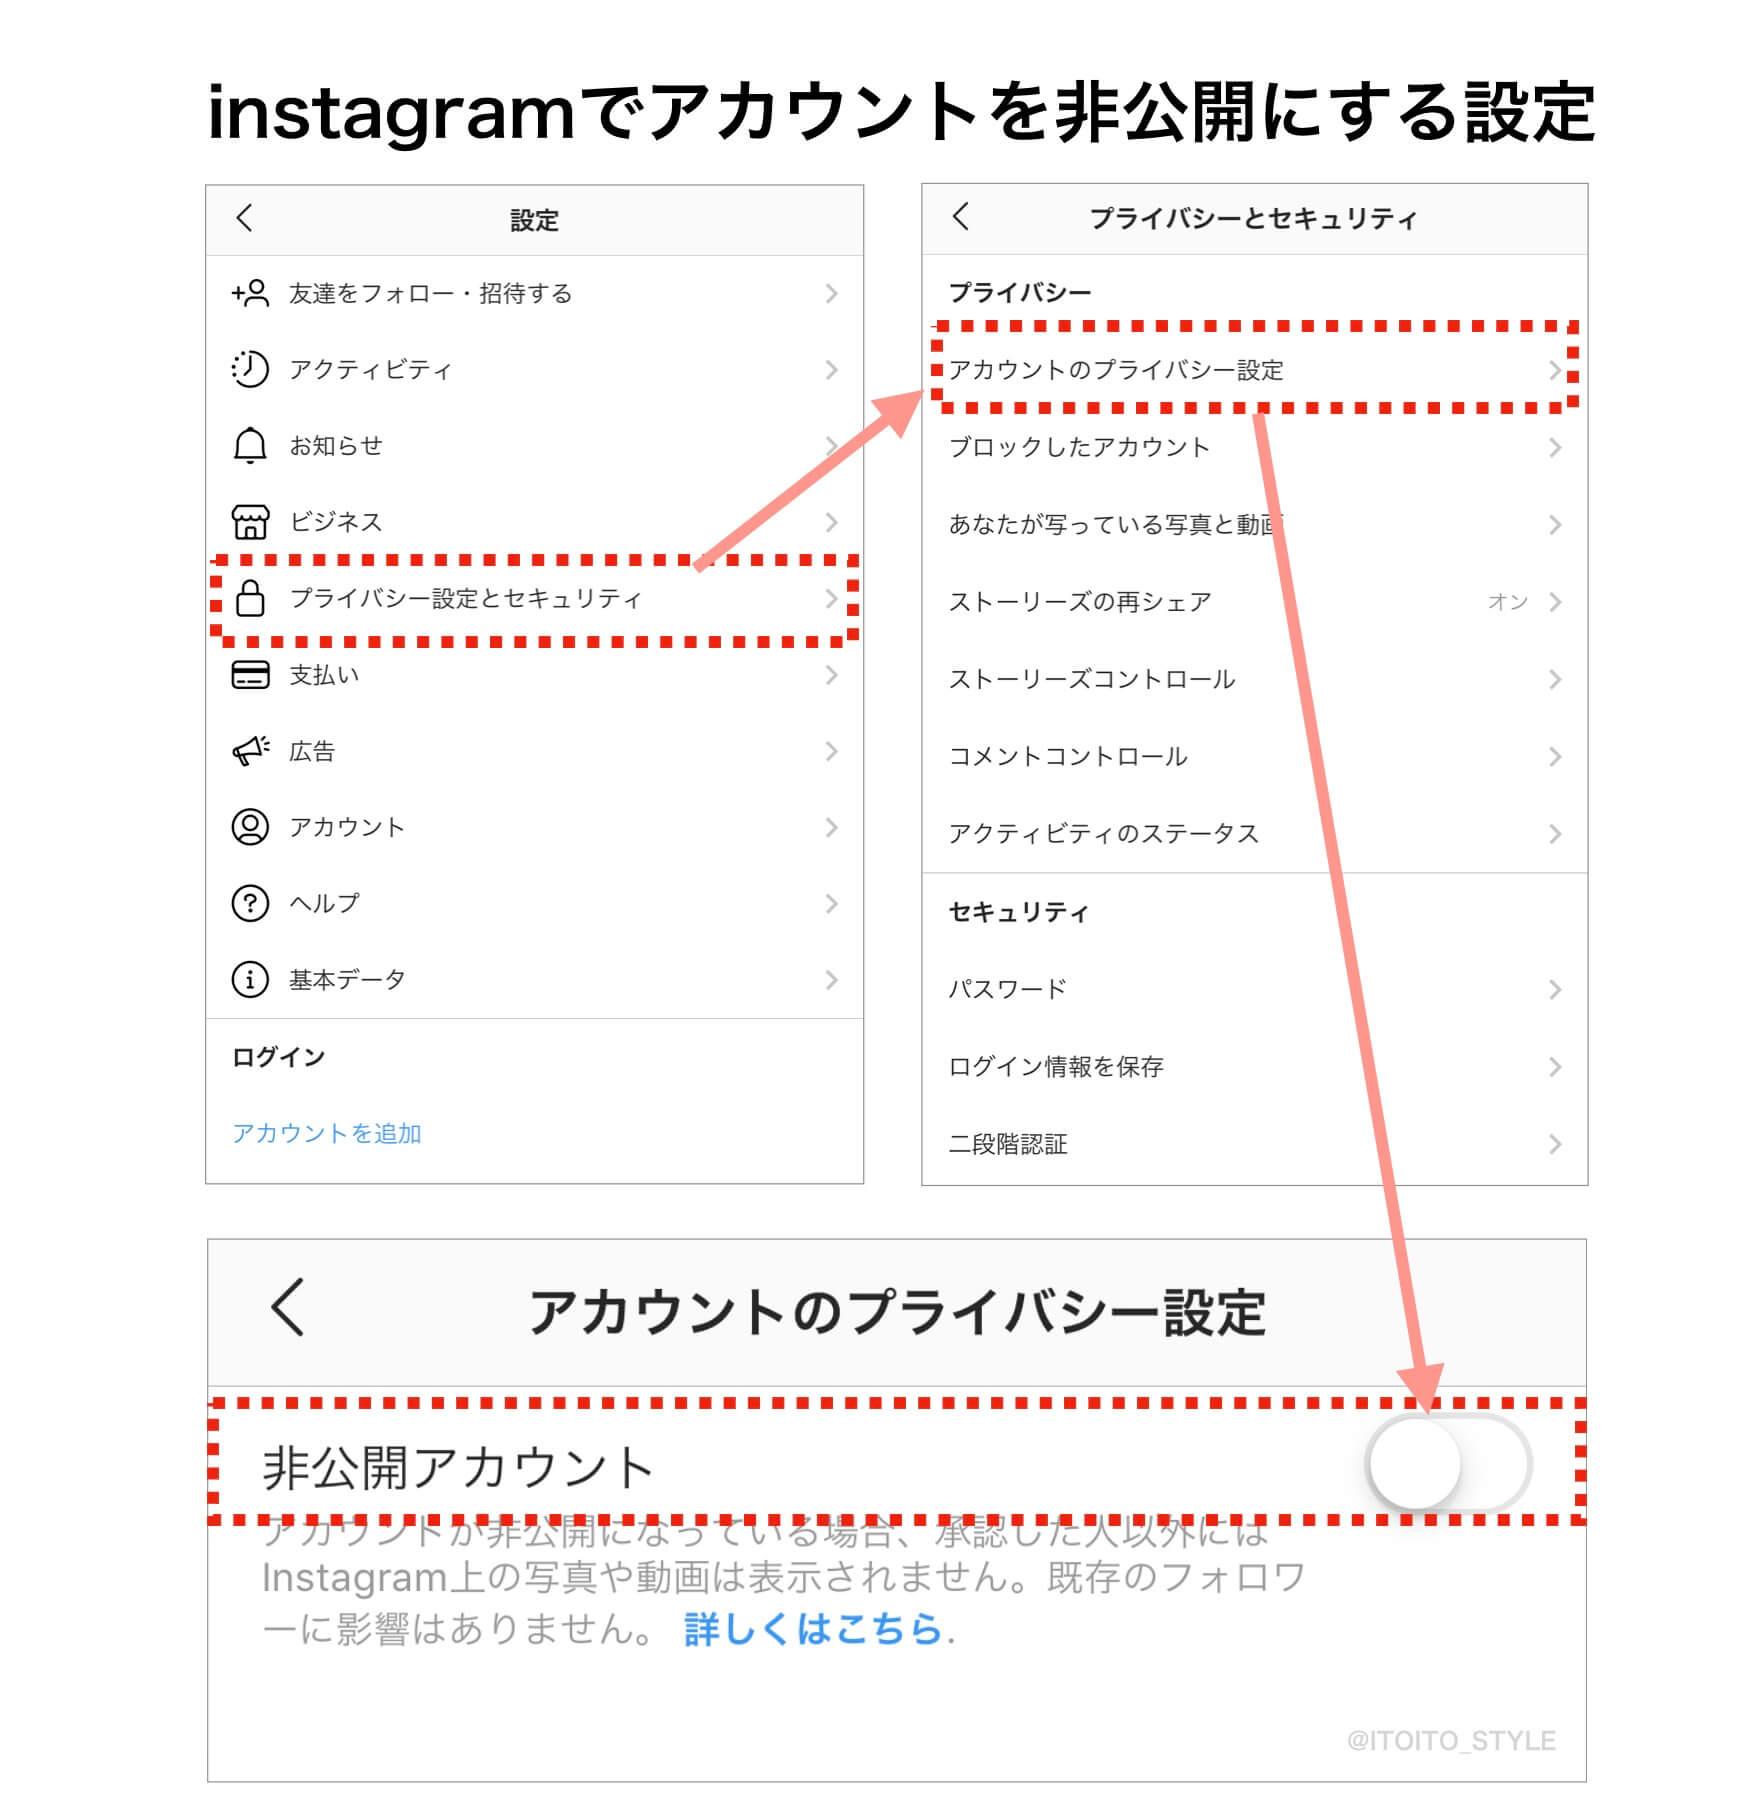 instagramでアカウントを非公開にする設定